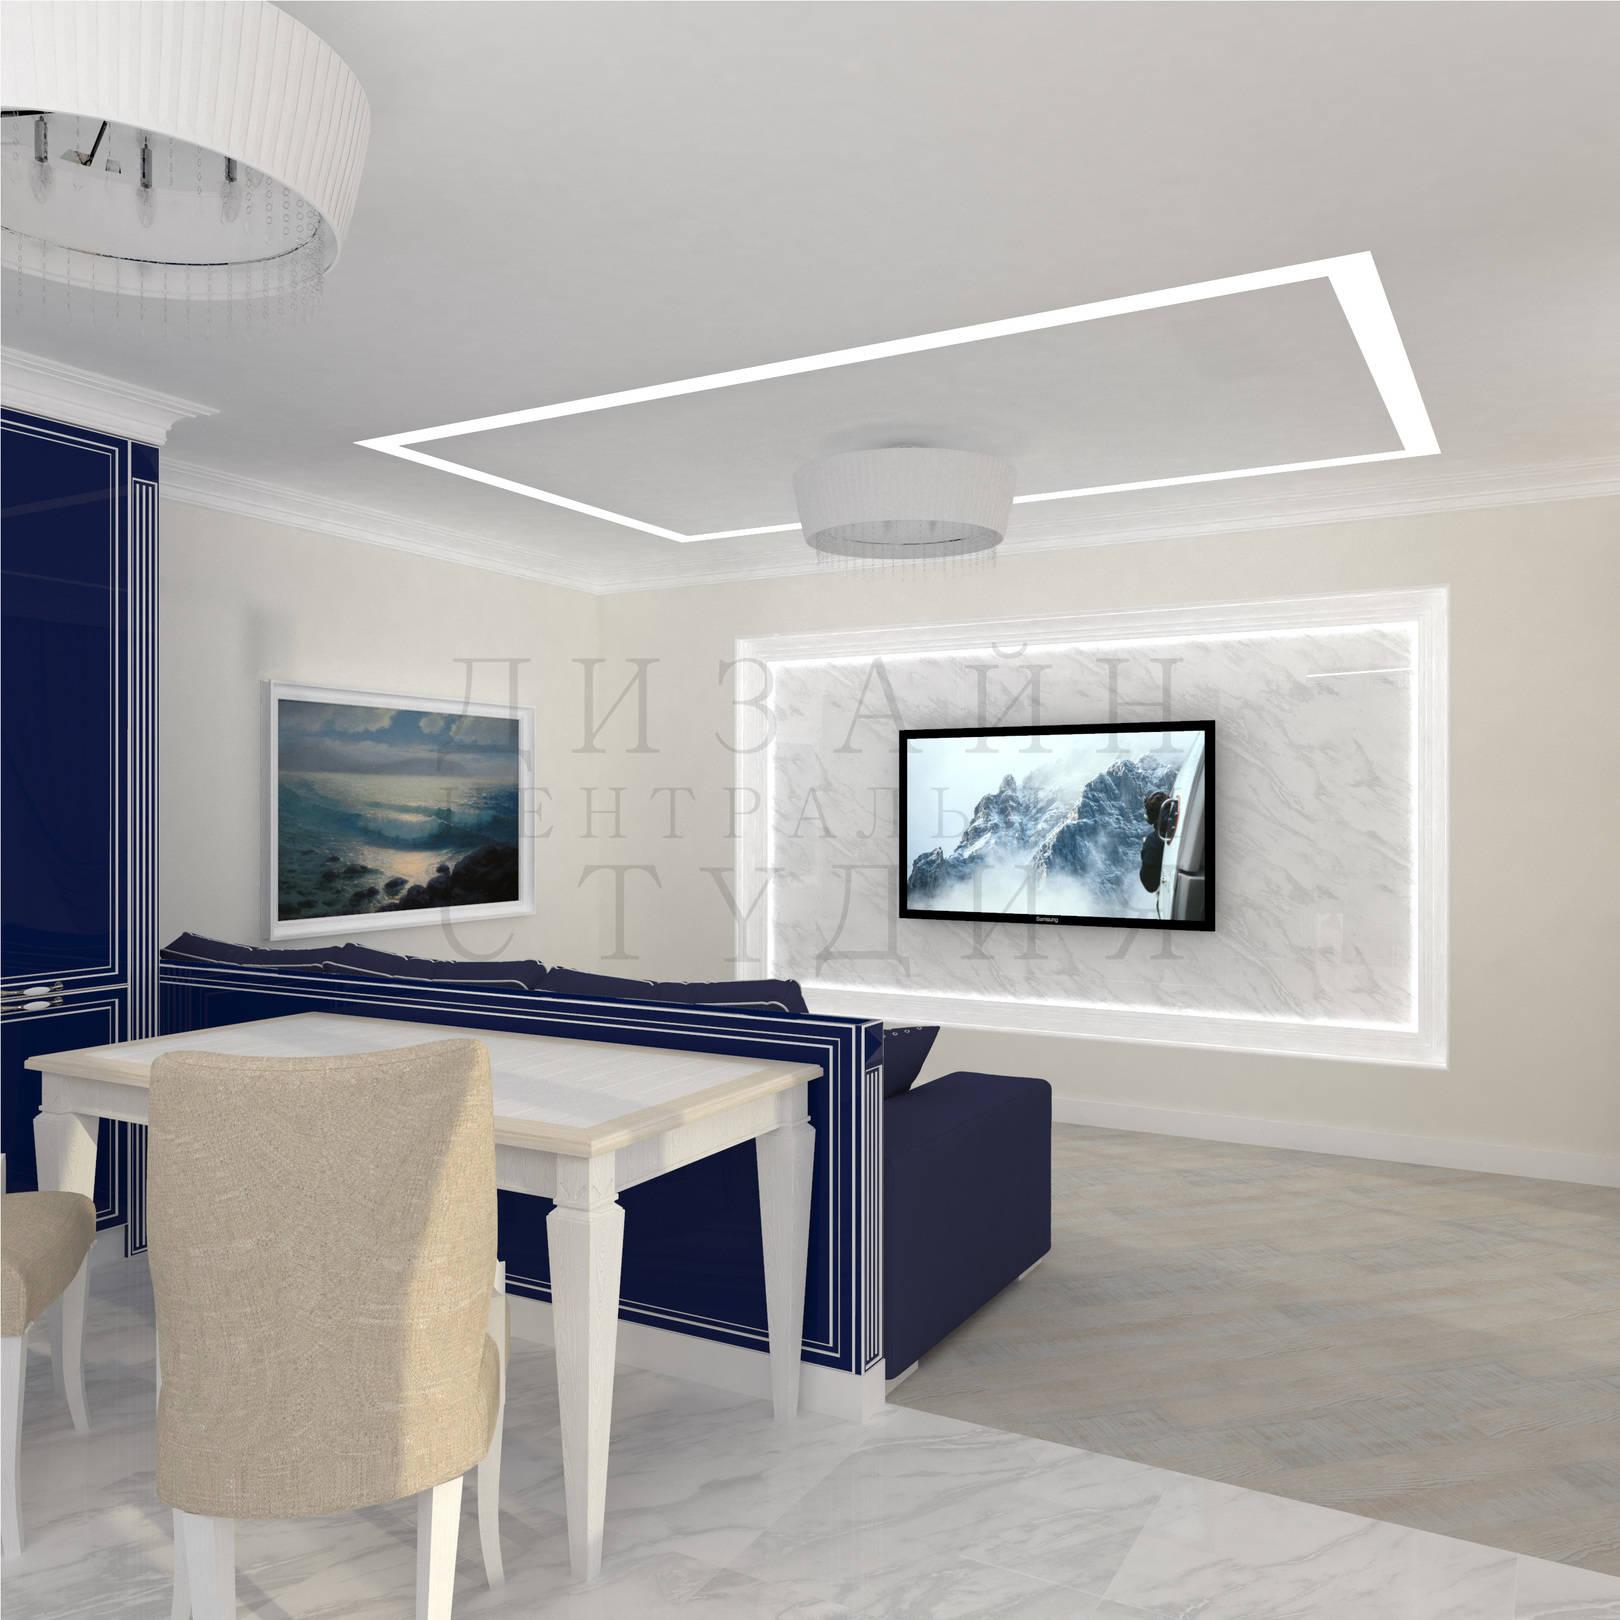 Дизайн интерьера классической гостиной комнаты в синем цвете centraldesignstudio.ru